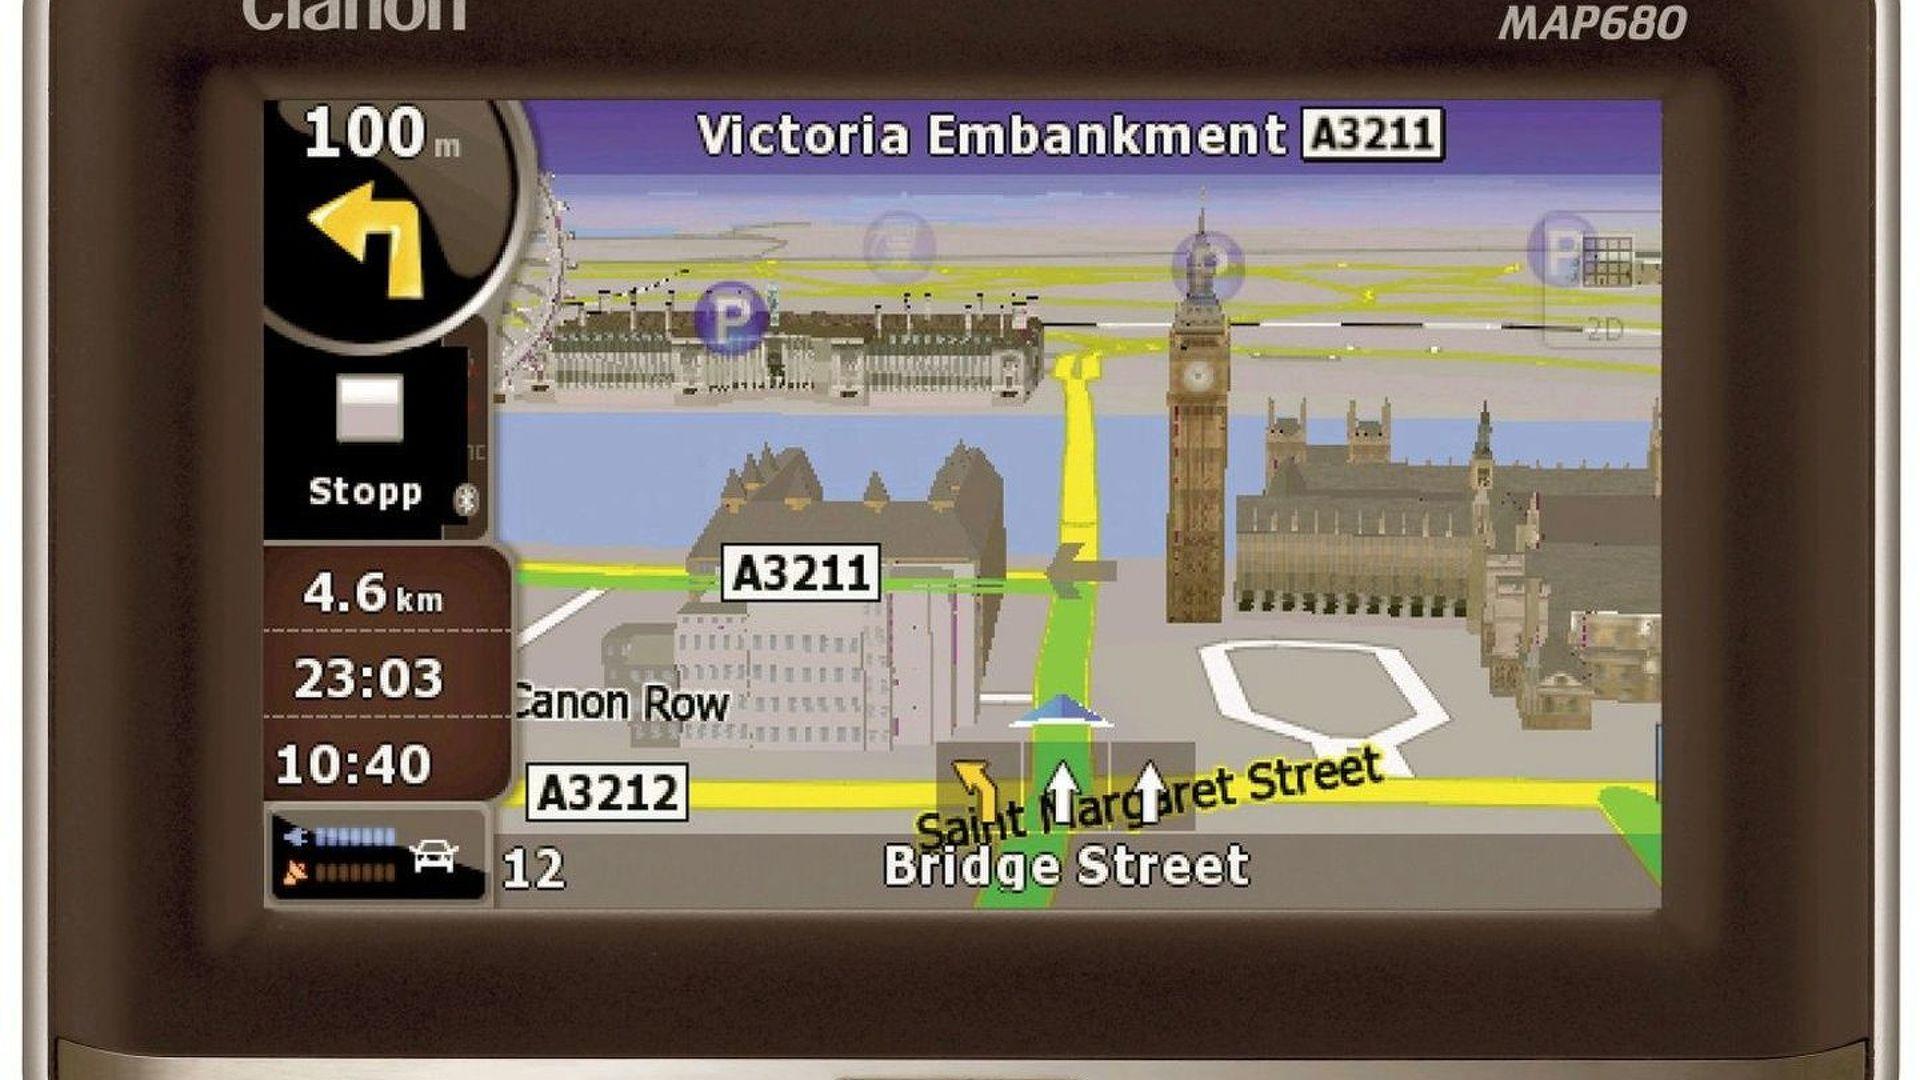 Clarion Introduces New 3D Portable Navigation Unit (UK)